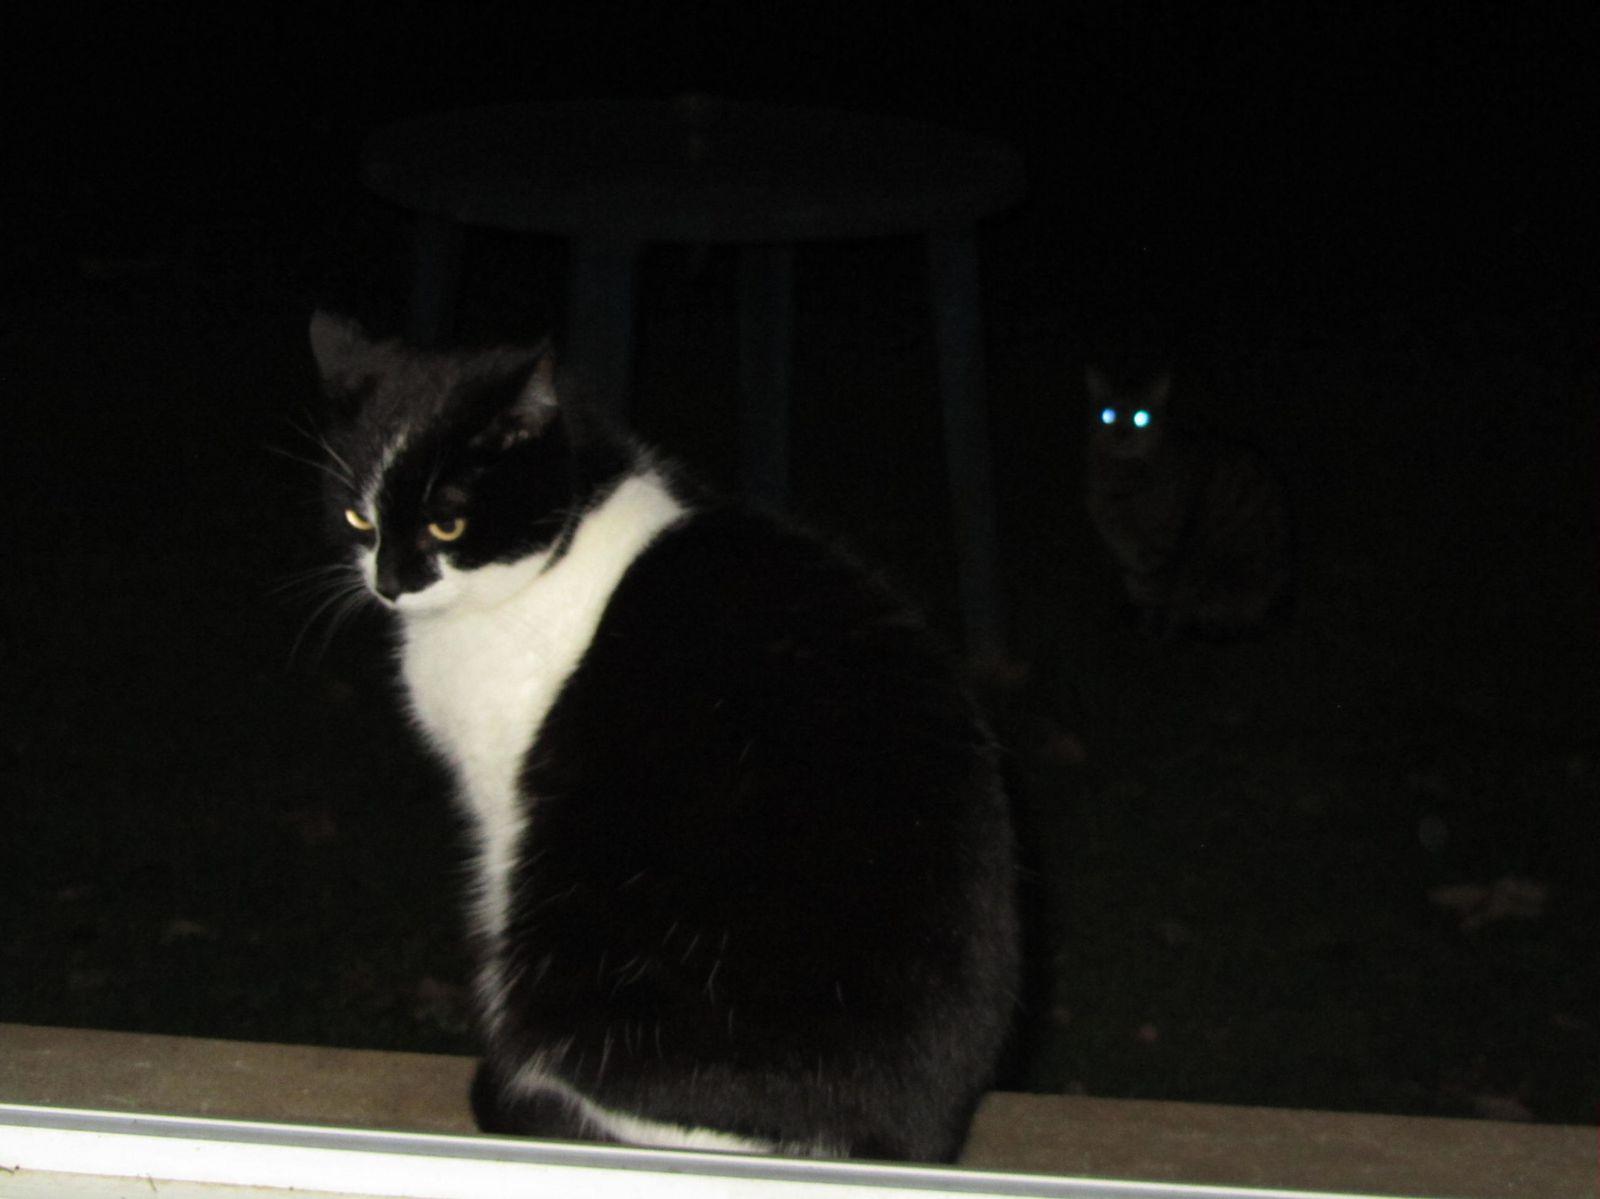 Poupette, perdue dans ses pensées... Et les deux petites lumière dans la nuit, c'est moi !